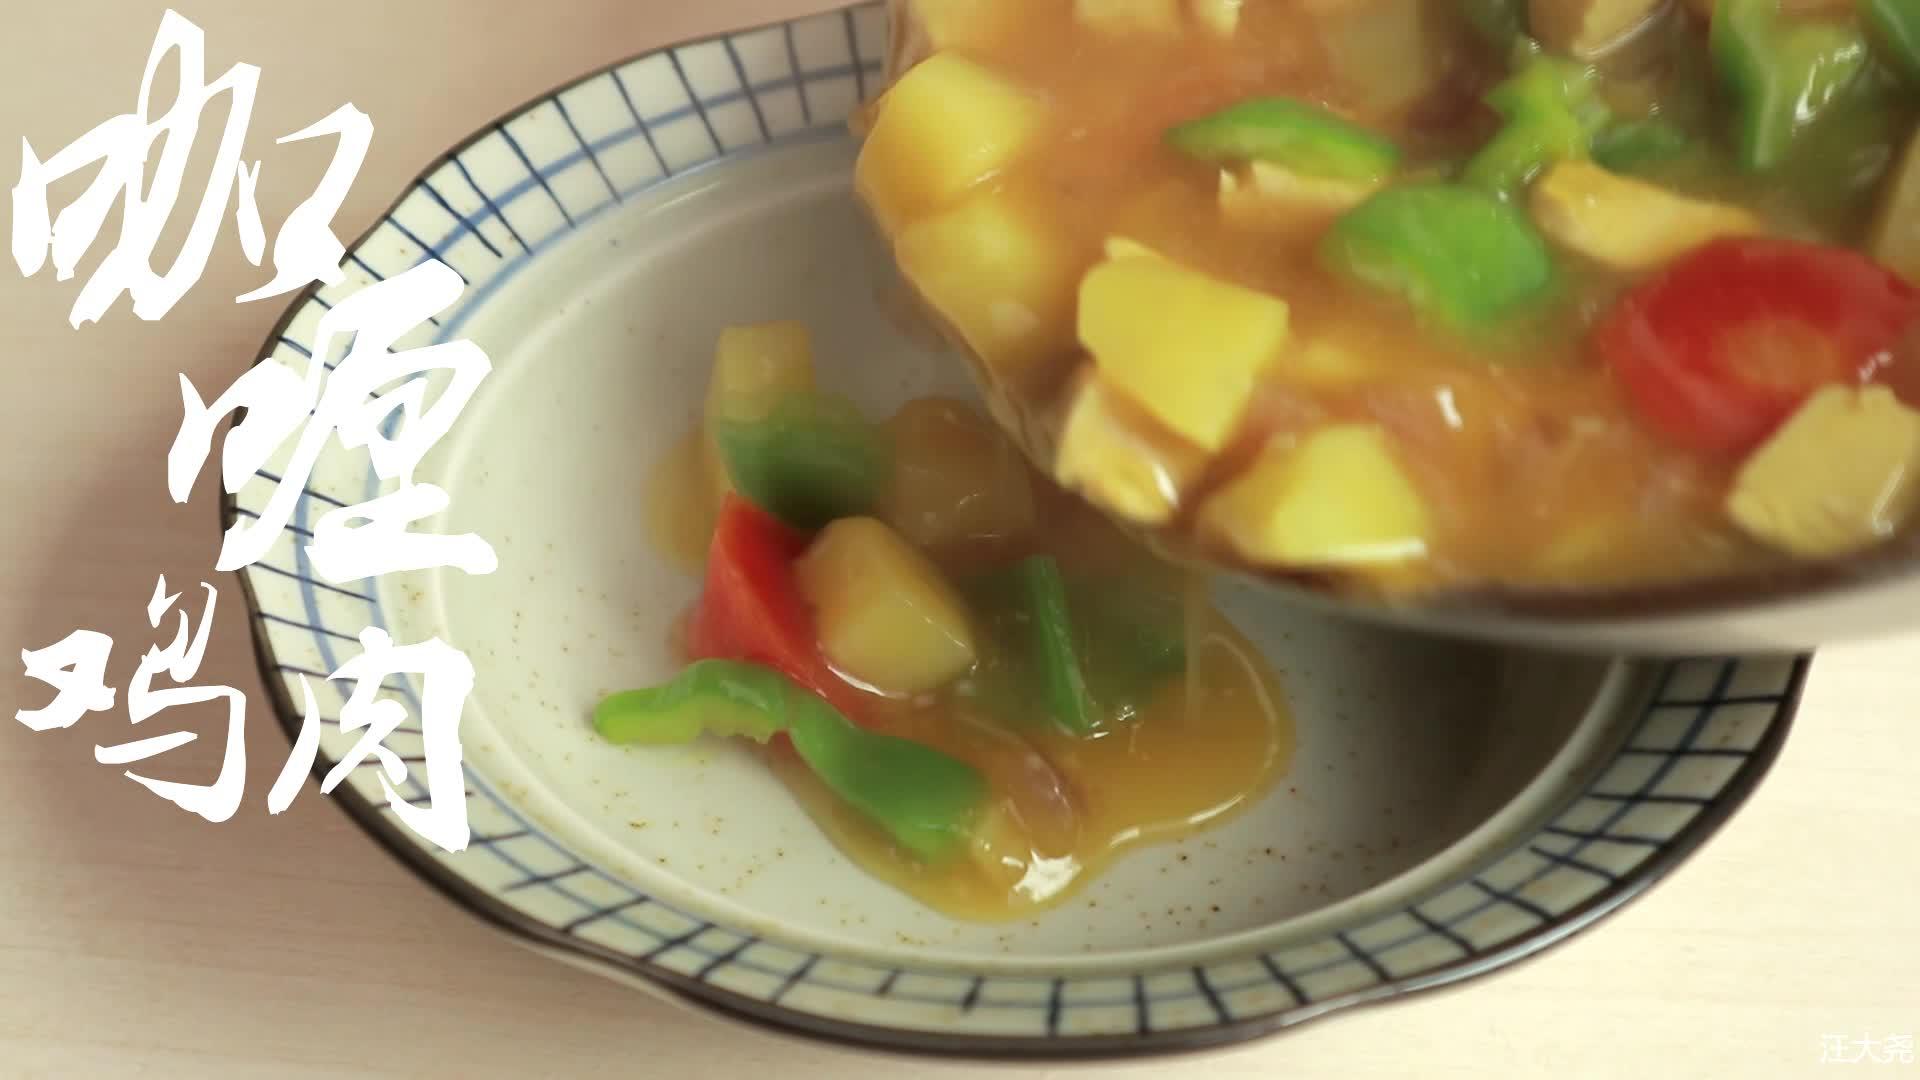 #搞笑趣事#用美食去测试对方是否爱你,做一份高度相似的咖喱鸡肉!